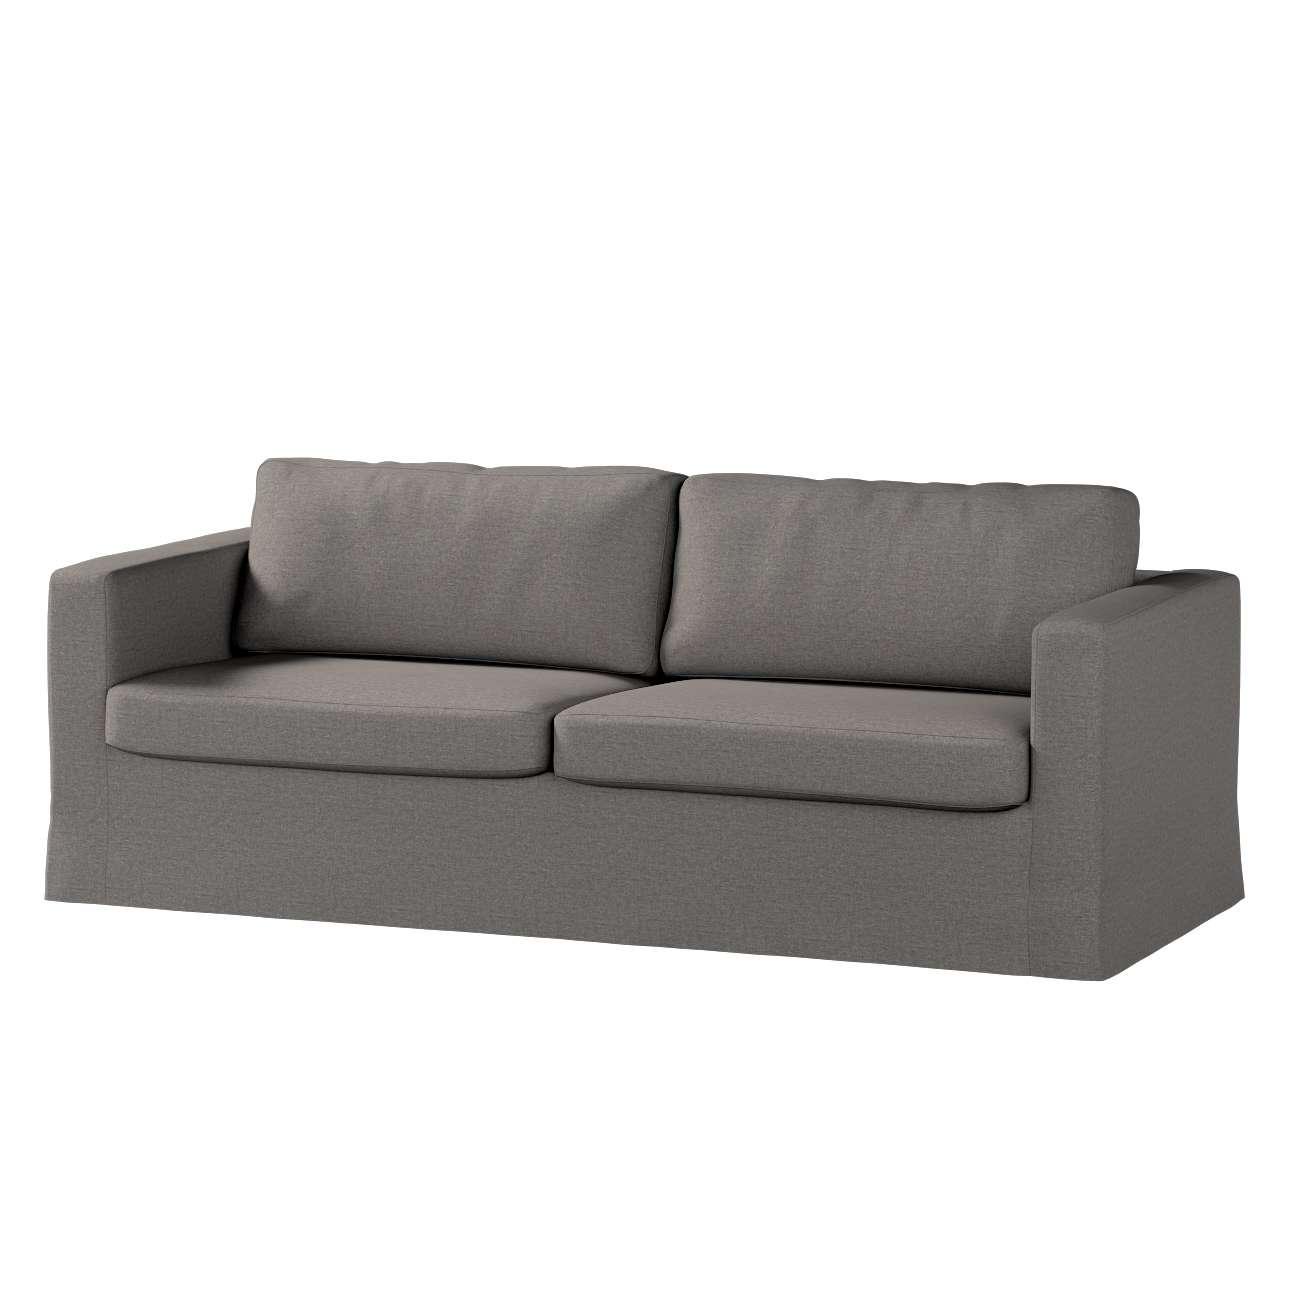 Hoes (lang) voor IKEA-Karlstad 3-zitsbank